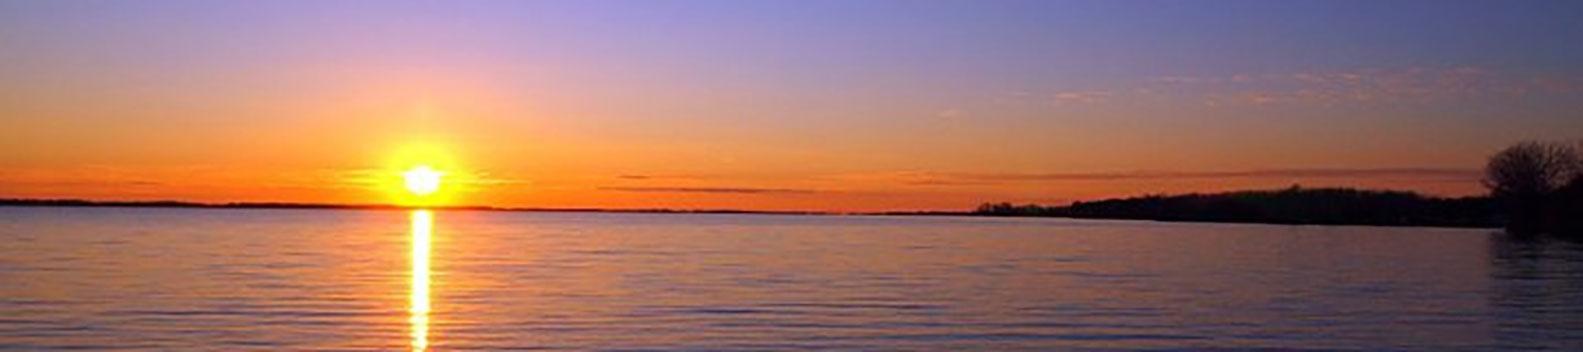 Grand Lake St. Marys